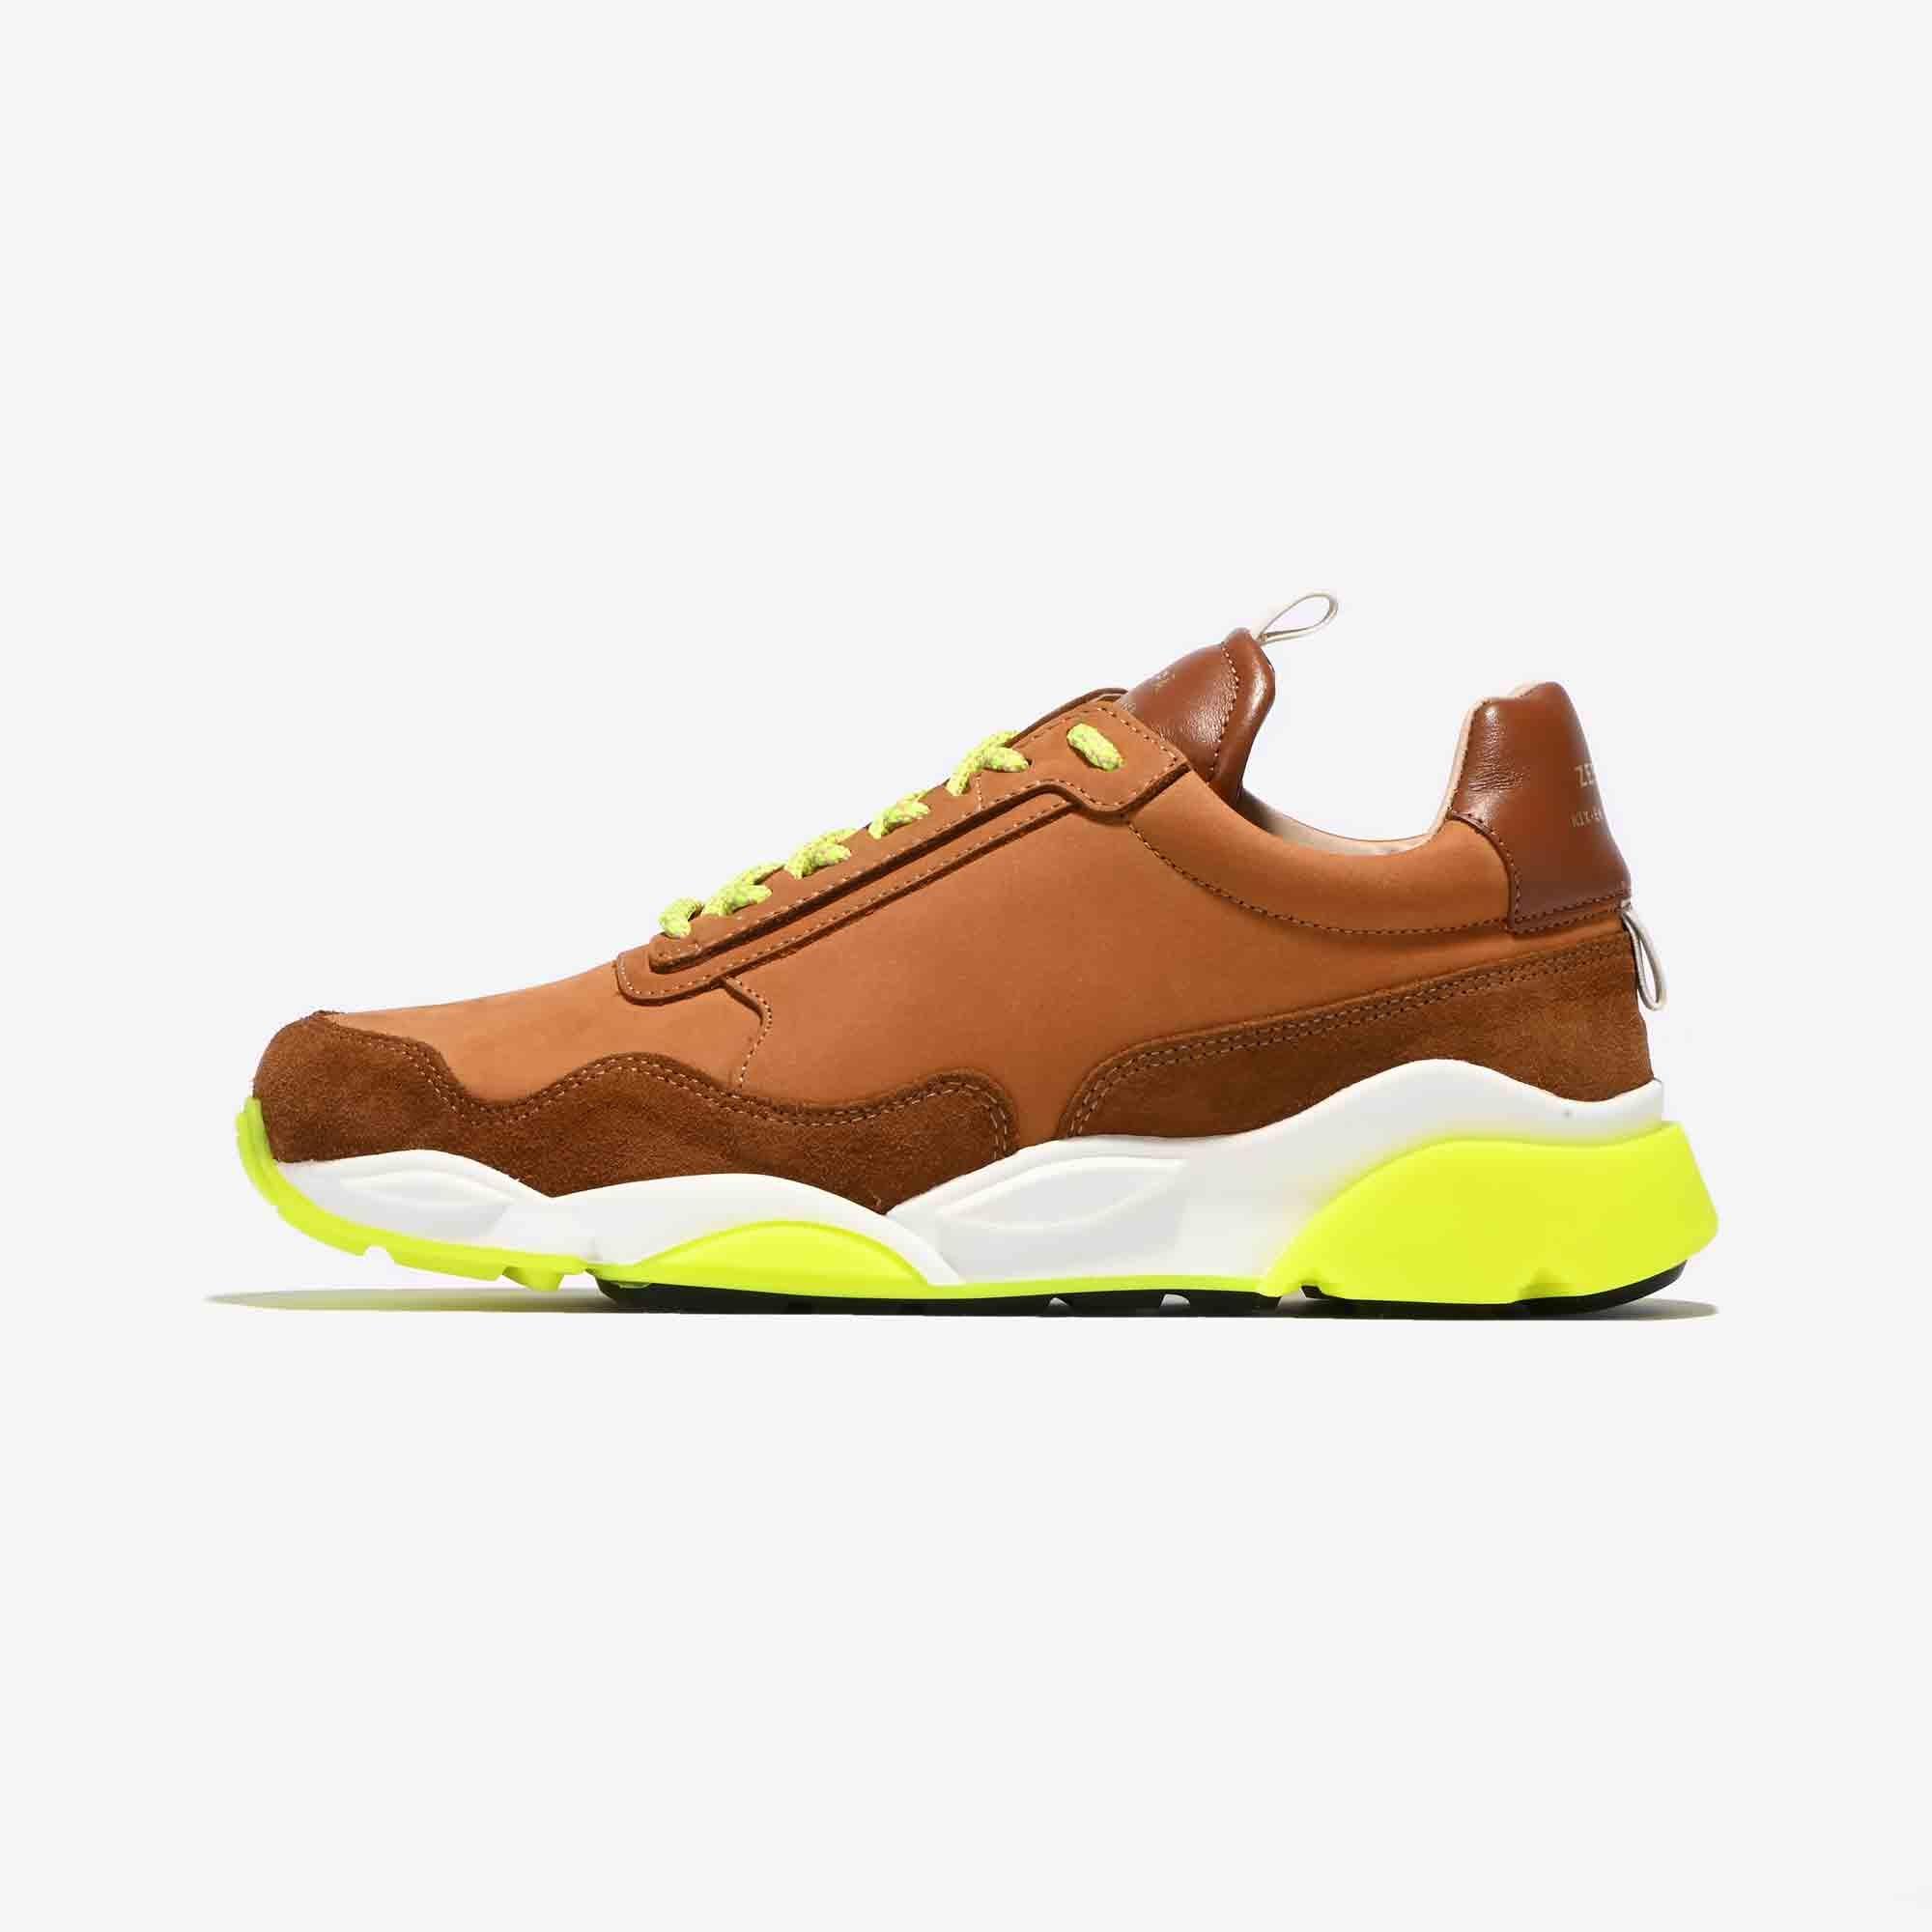 Sneaker zespa S4_125-1